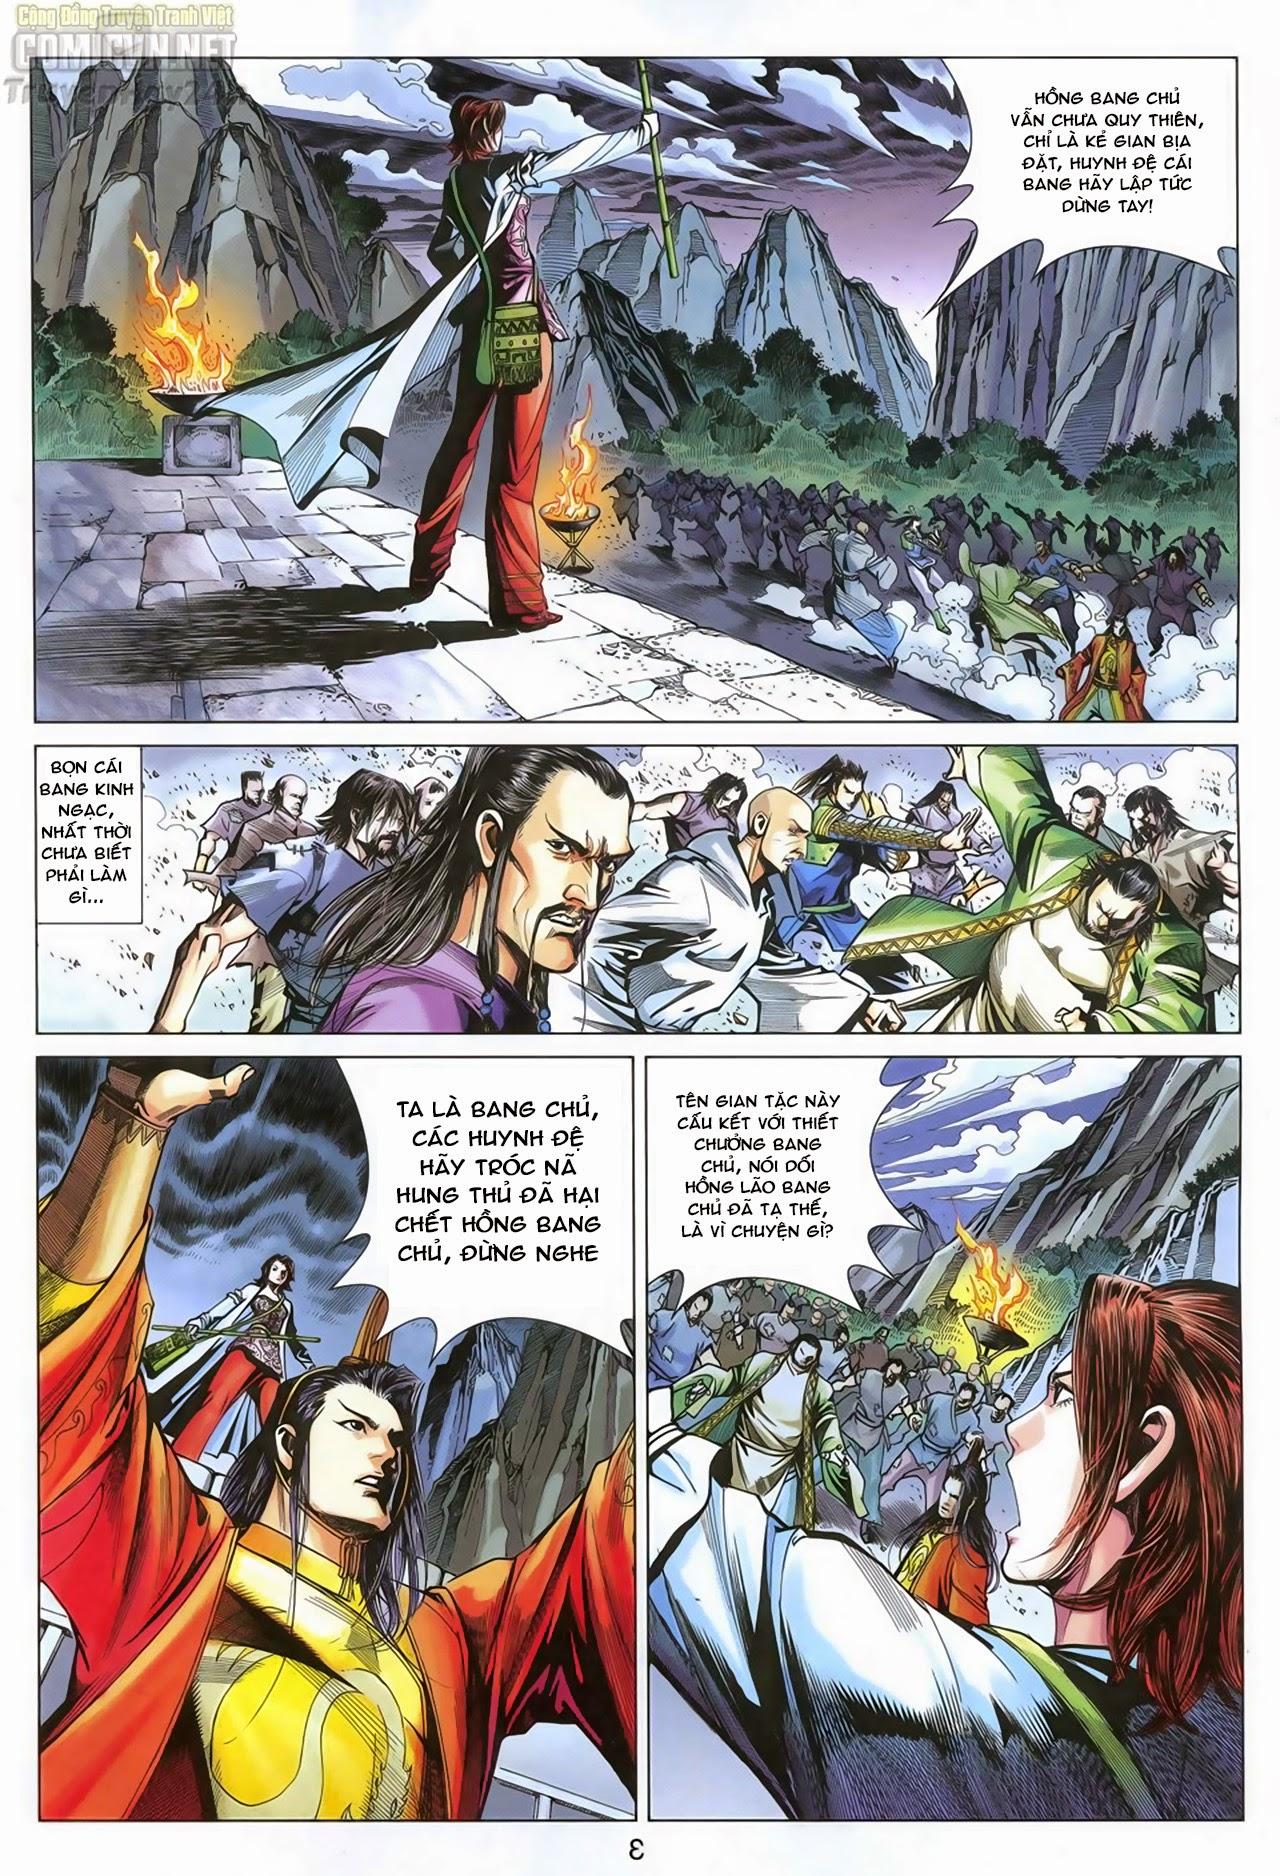 Anh Hùng Xạ Điêu anh hùng xạ đêu chap 68: di thư chân kinh - lừa tình trang 4